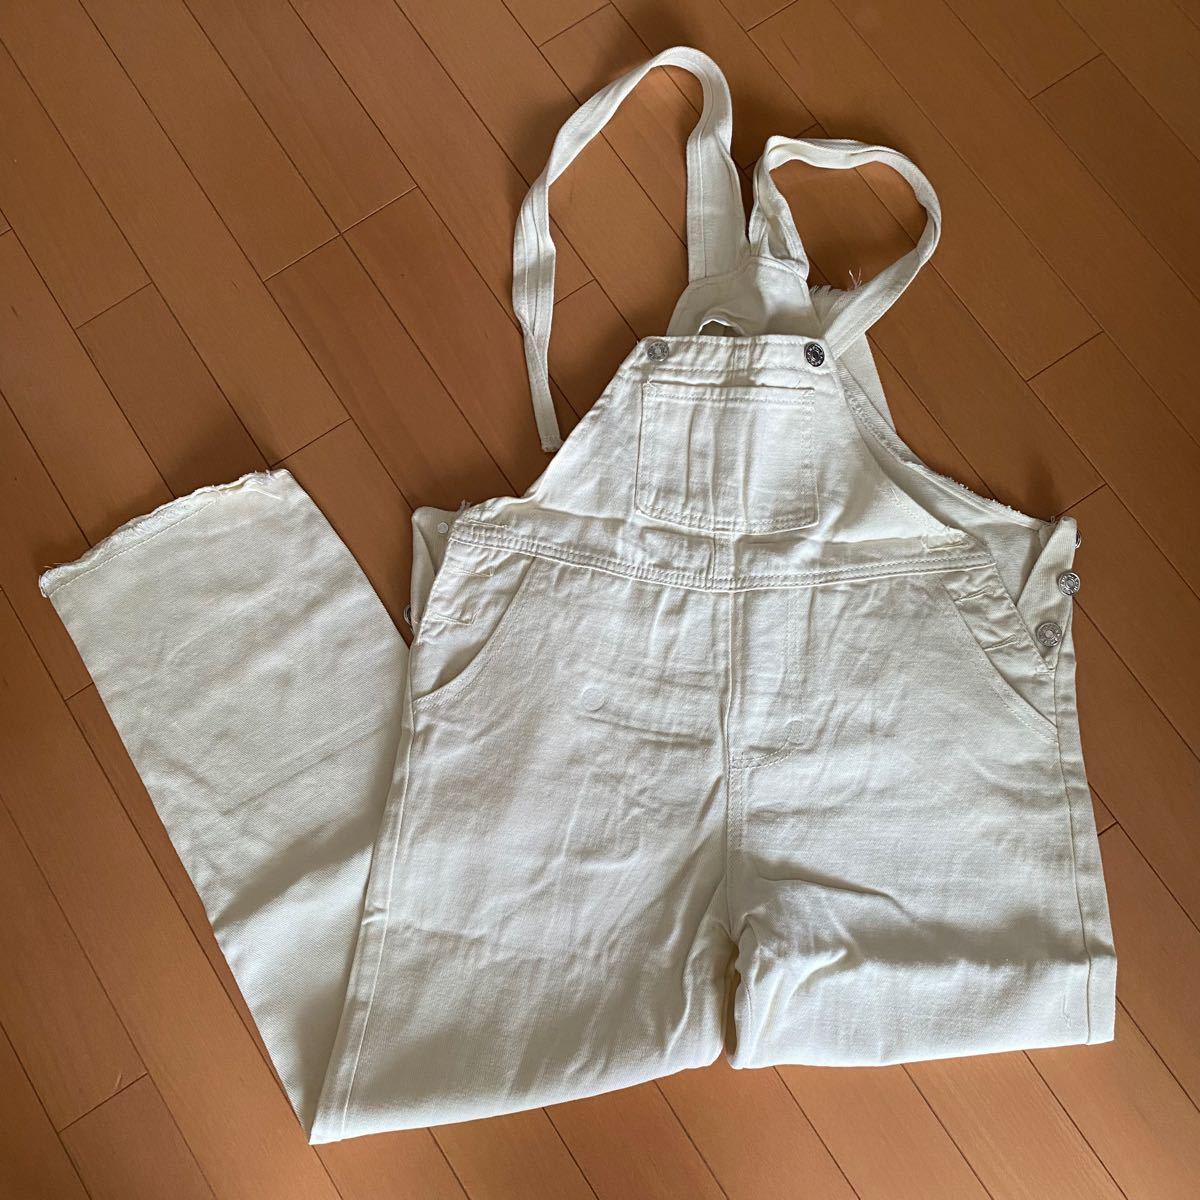 オーバーオール デニム オールインワン サロペット 韓国 ポケット 新品 細見え 白 ホワイト L カジュアル ママさん レジャー